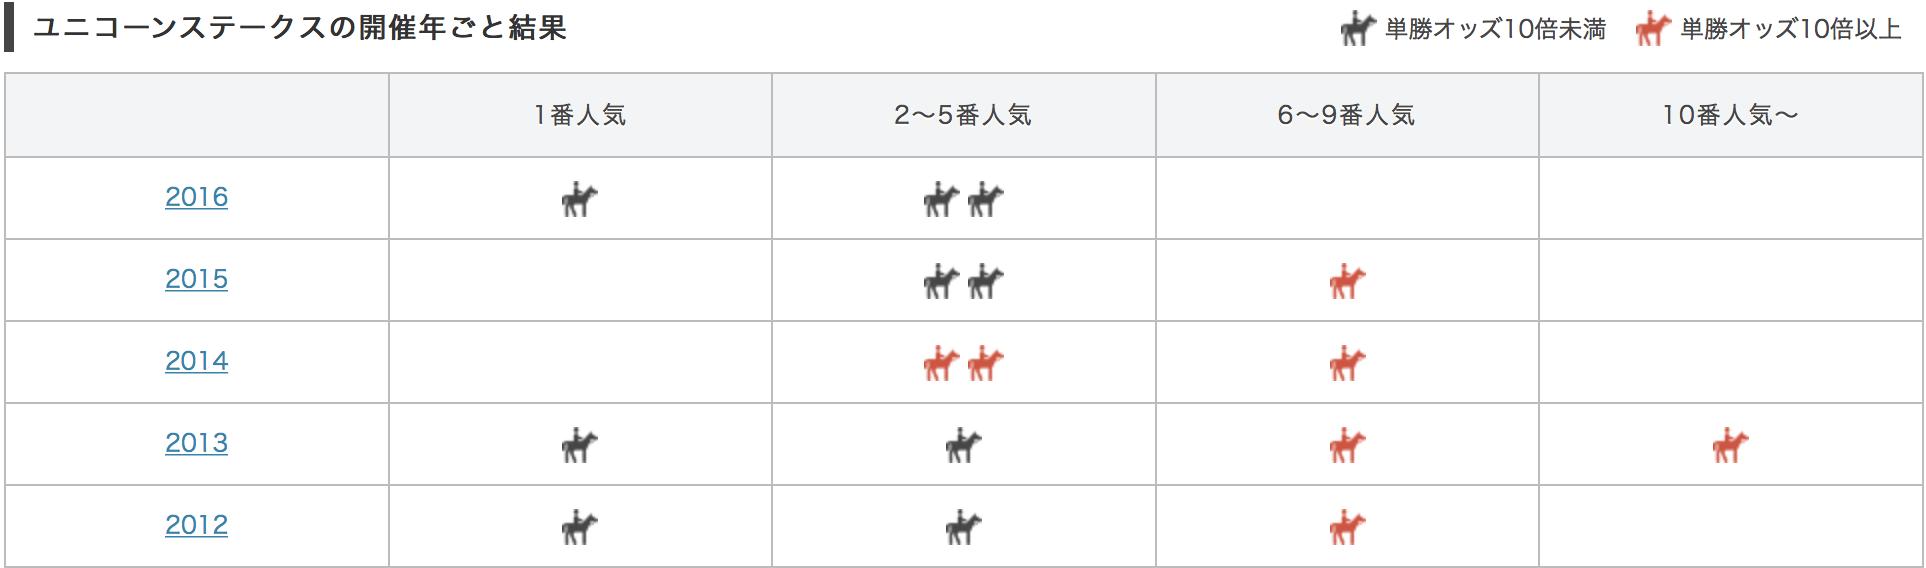 ユニコーンステークス2017単勝人気別データ